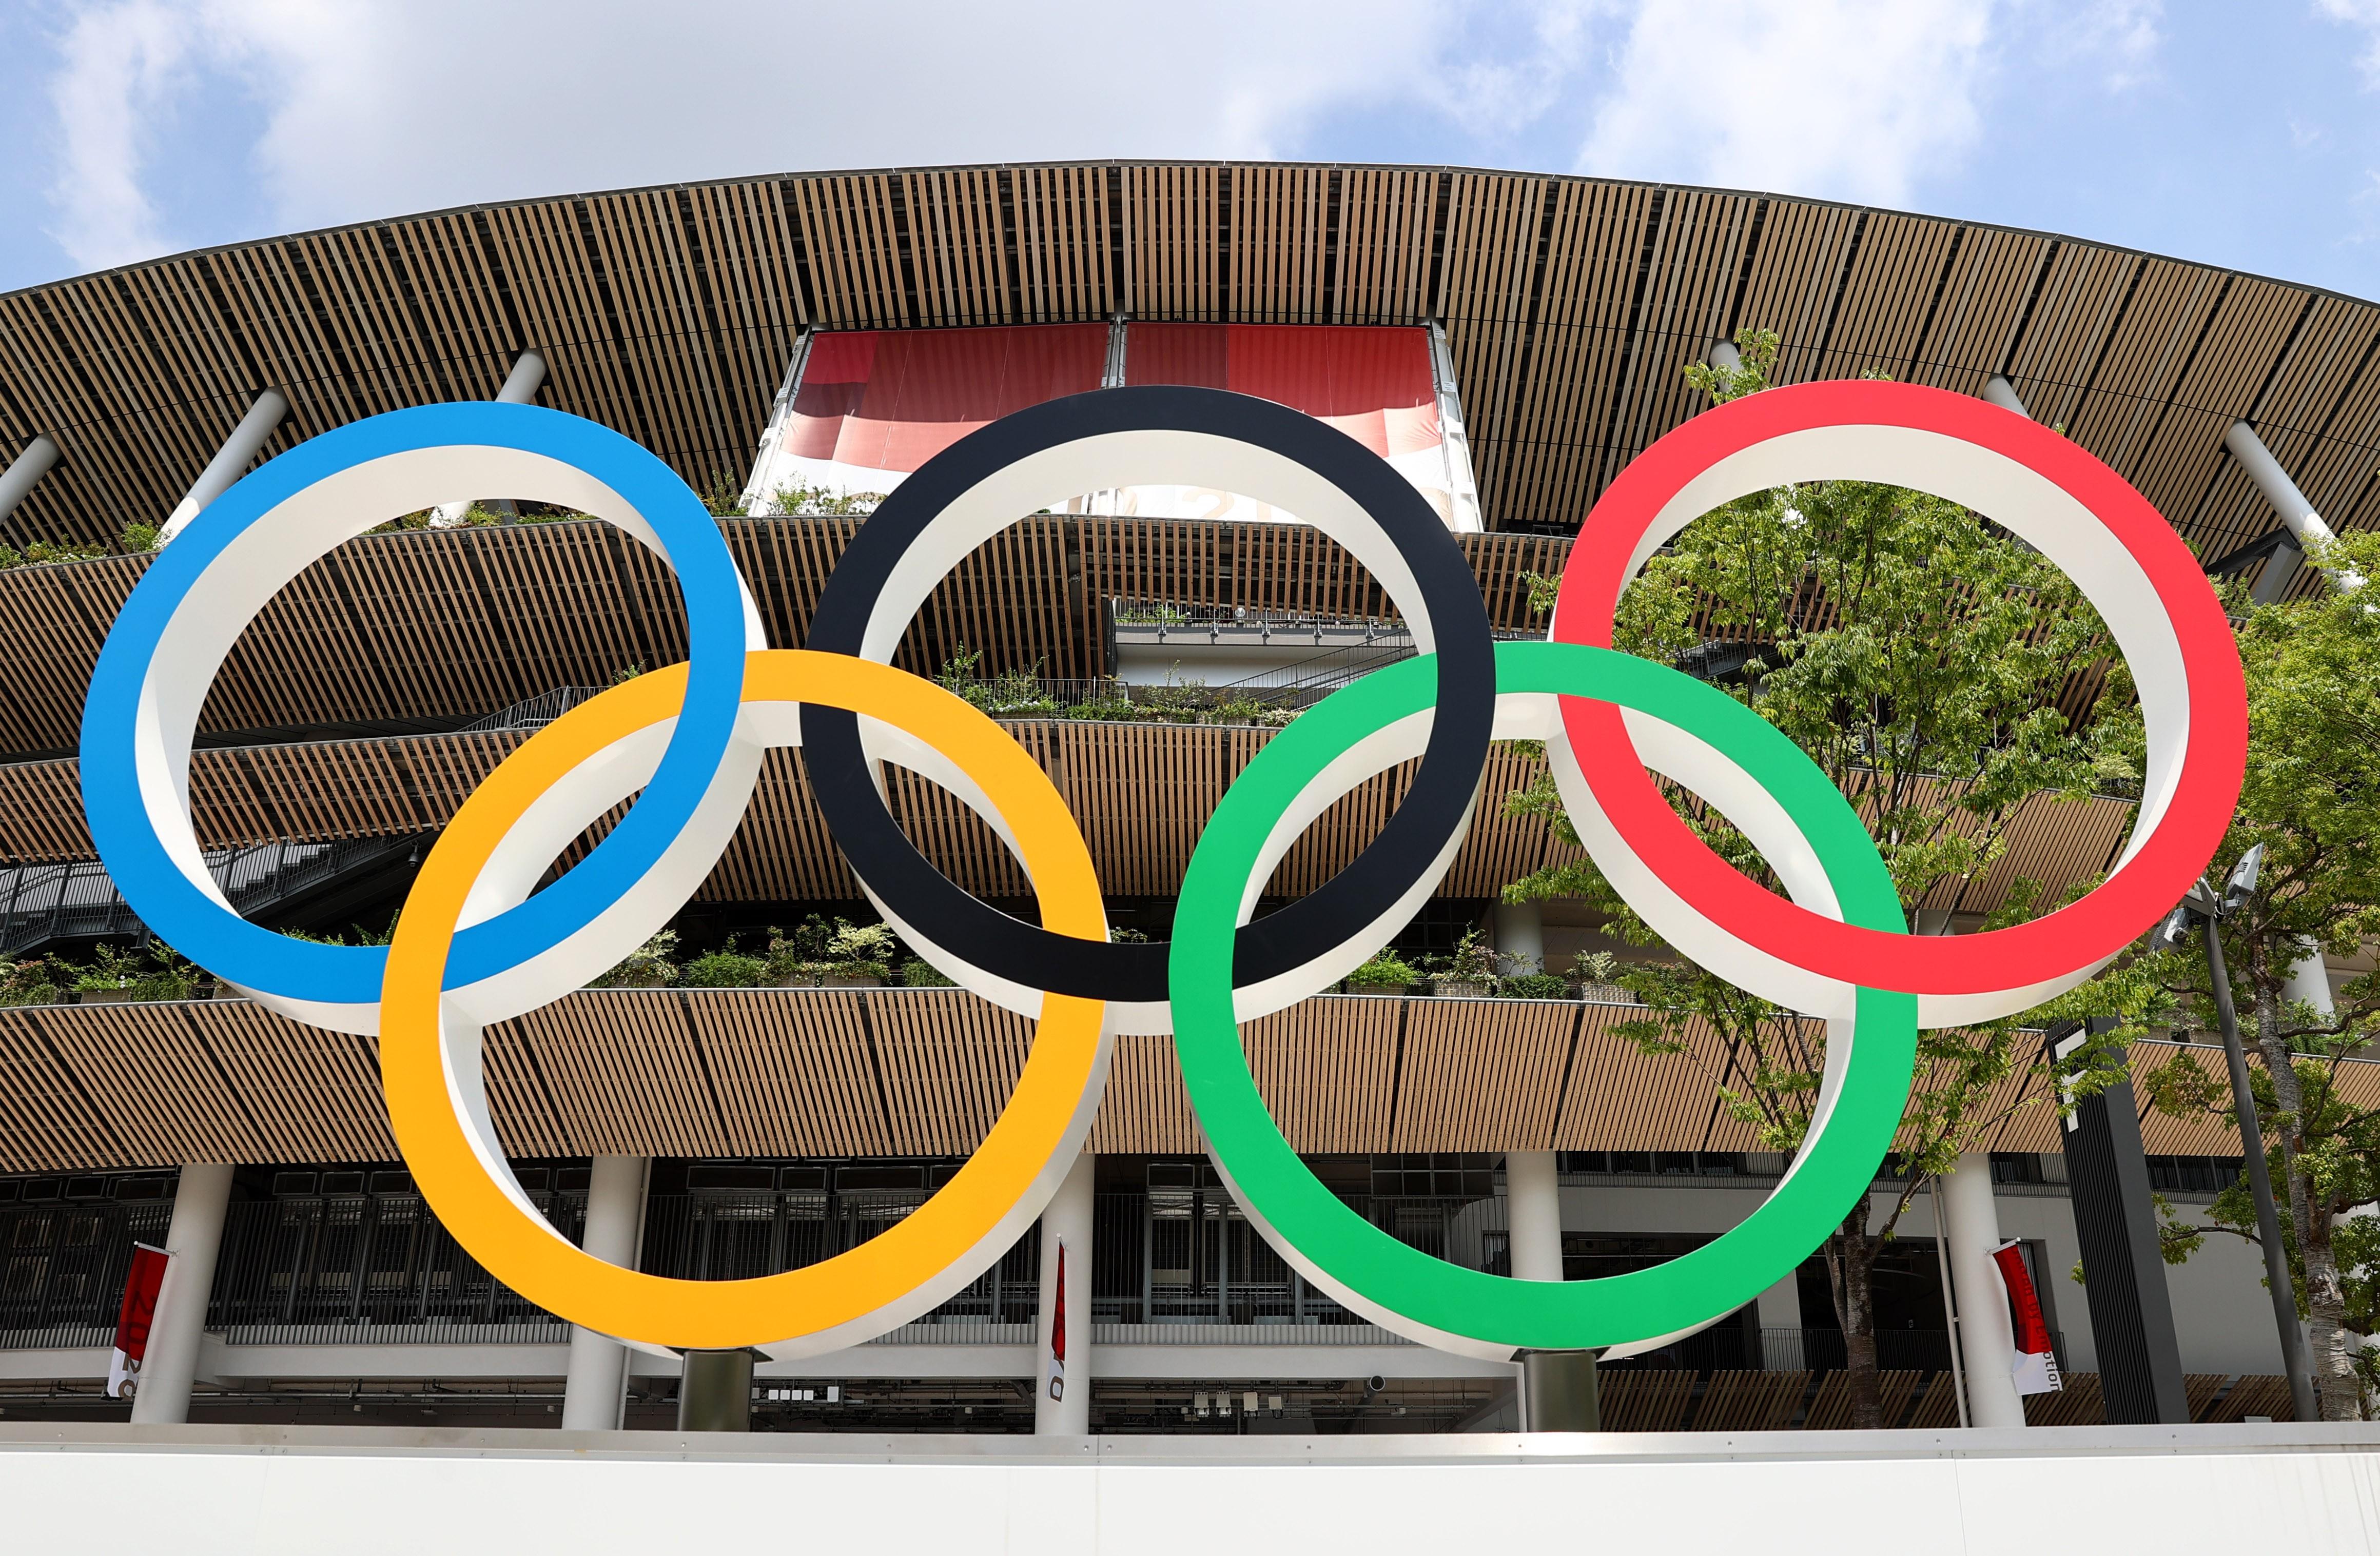 Time de atletismo da Austrália em Tóquio entra em quarentena após contato com atleta com Covid-19